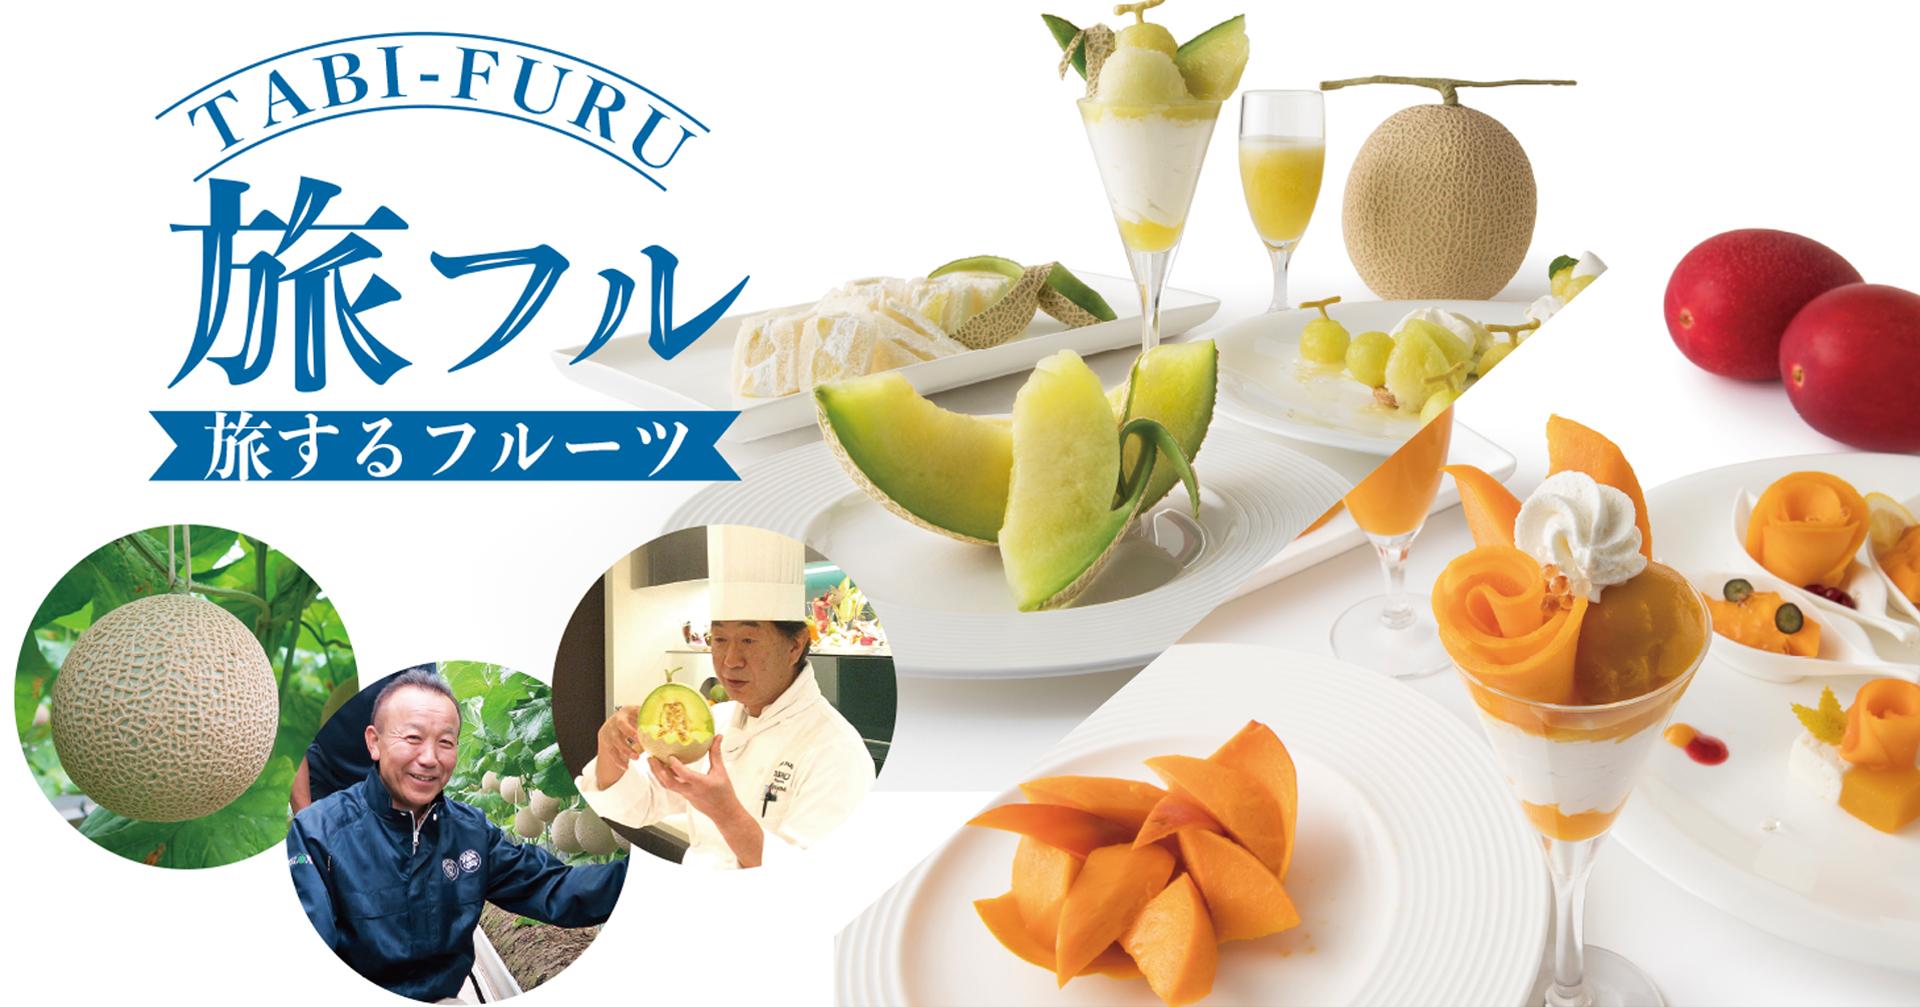 タカノフルーツパーラー新宿本店【フルーツ×旅】1dayイベントスタート!